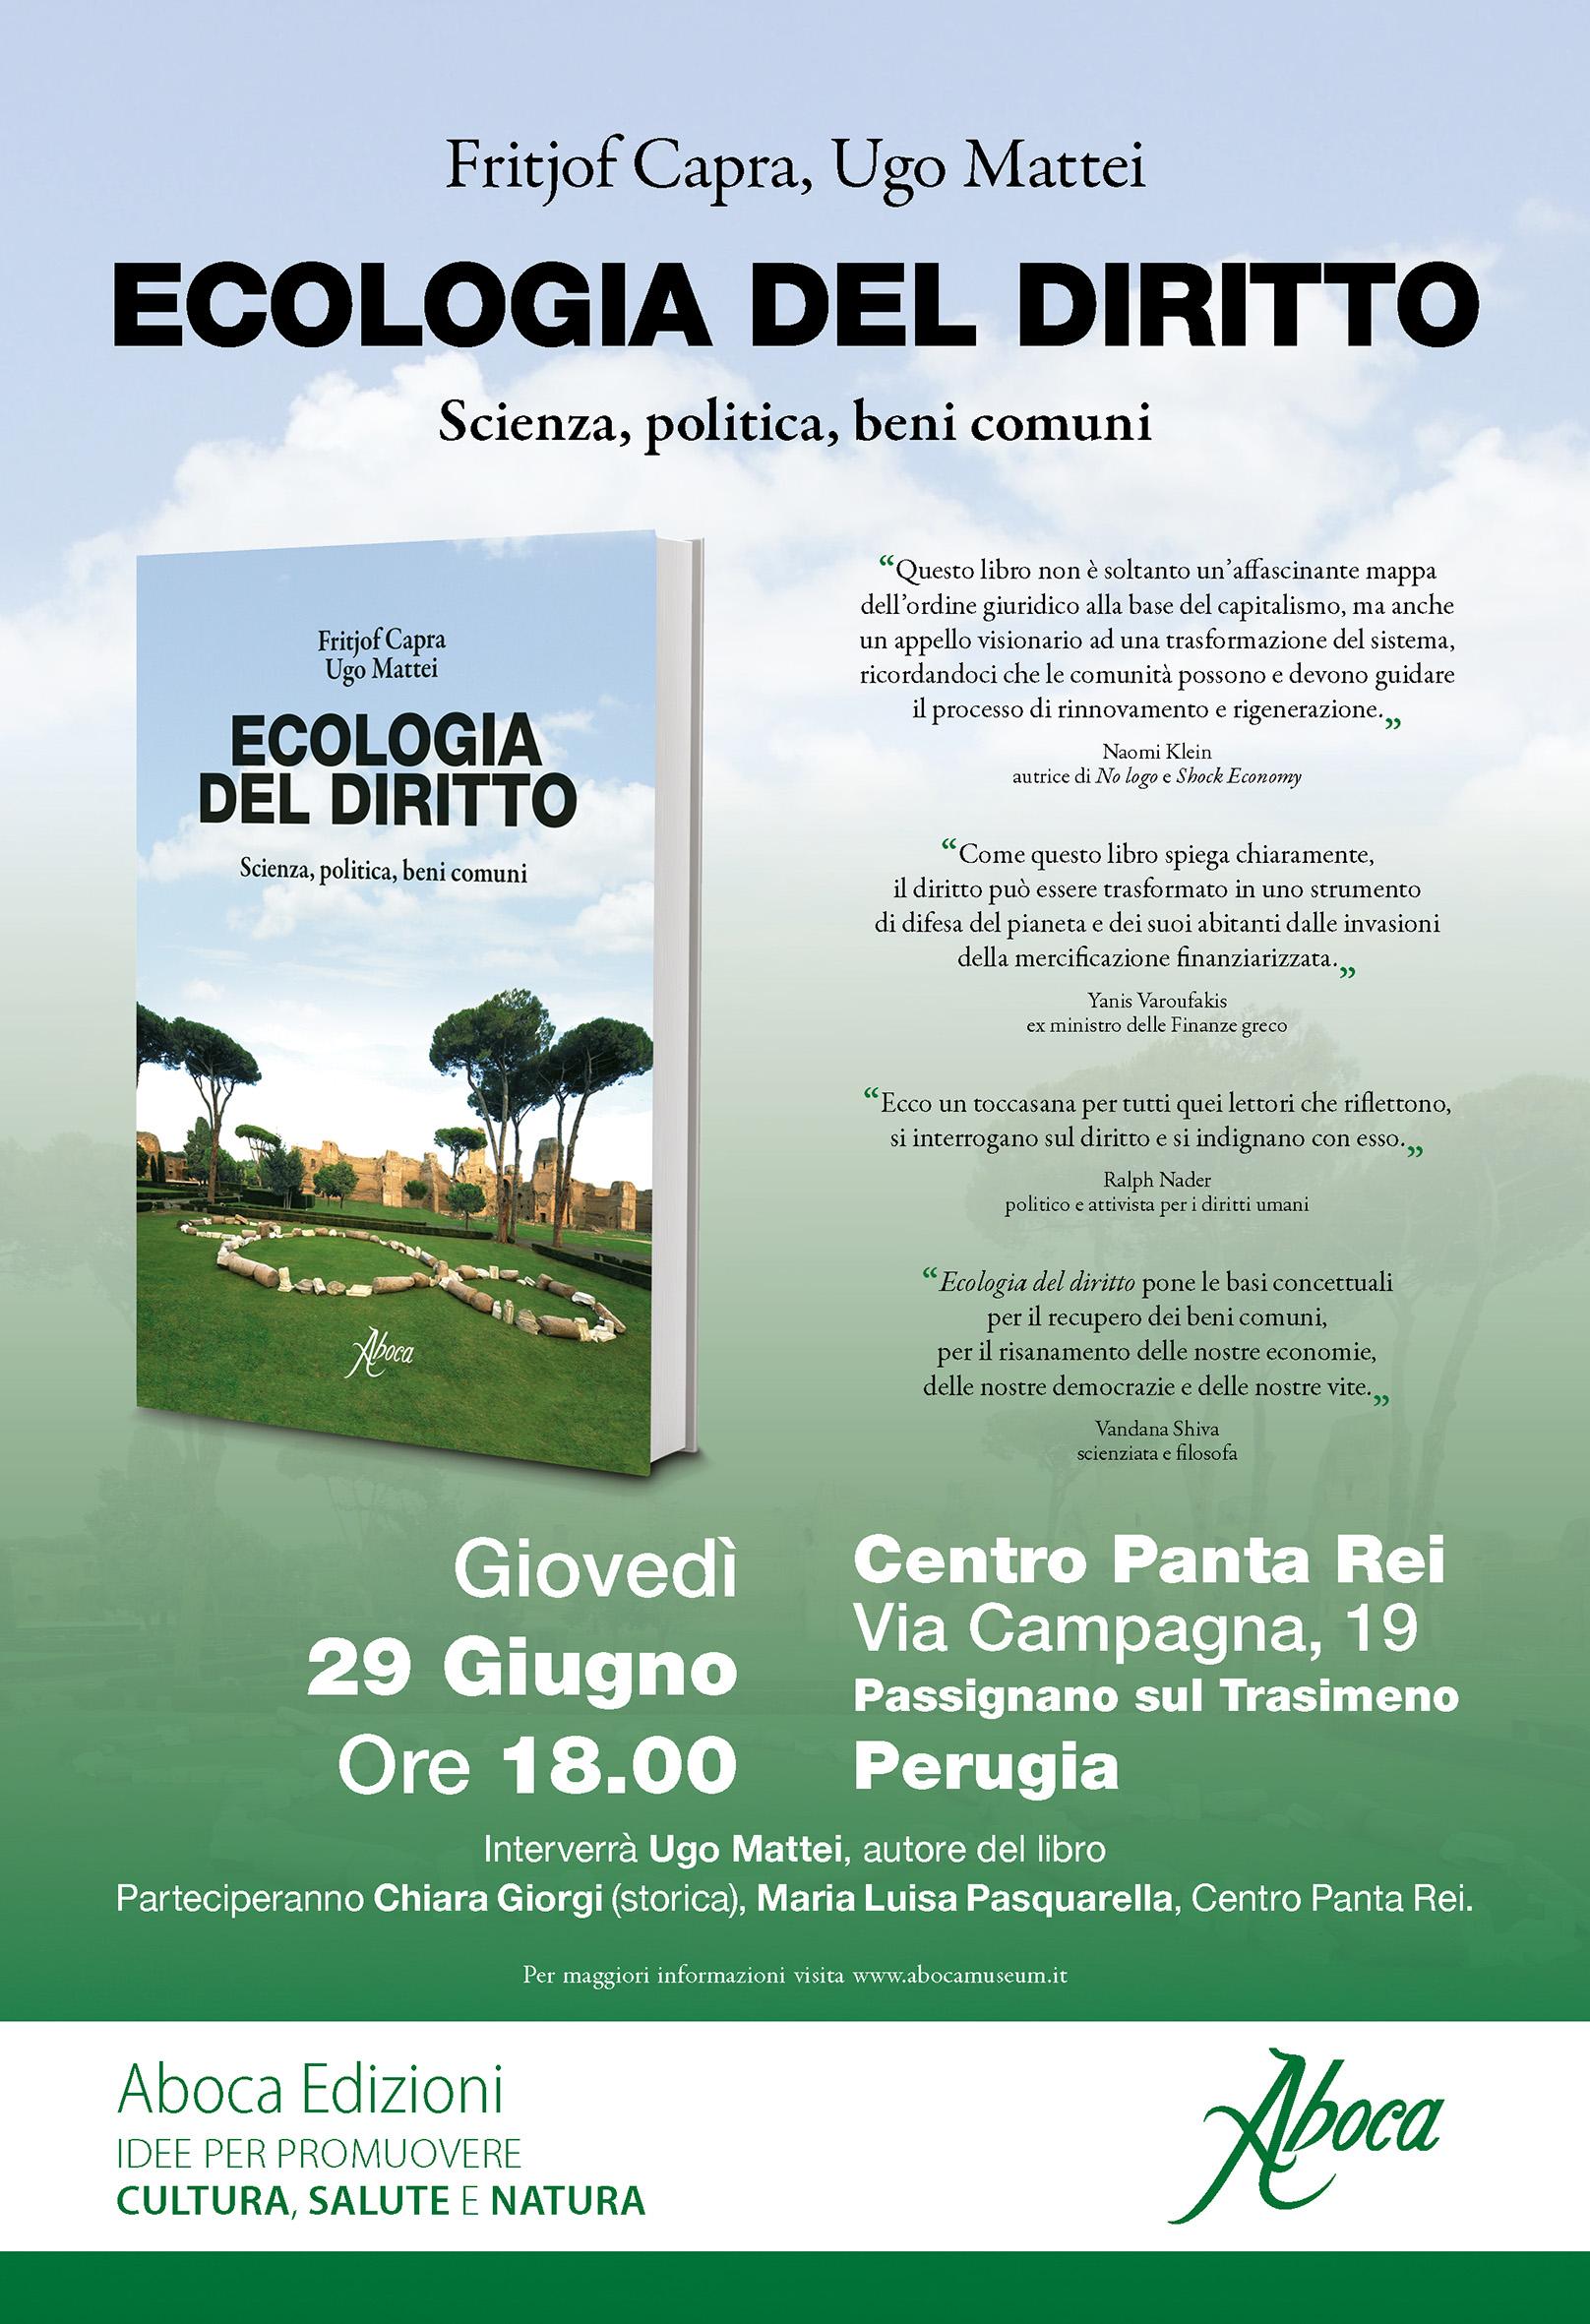 Ecologia del Diritto al Centro Panta Rei di Perugia